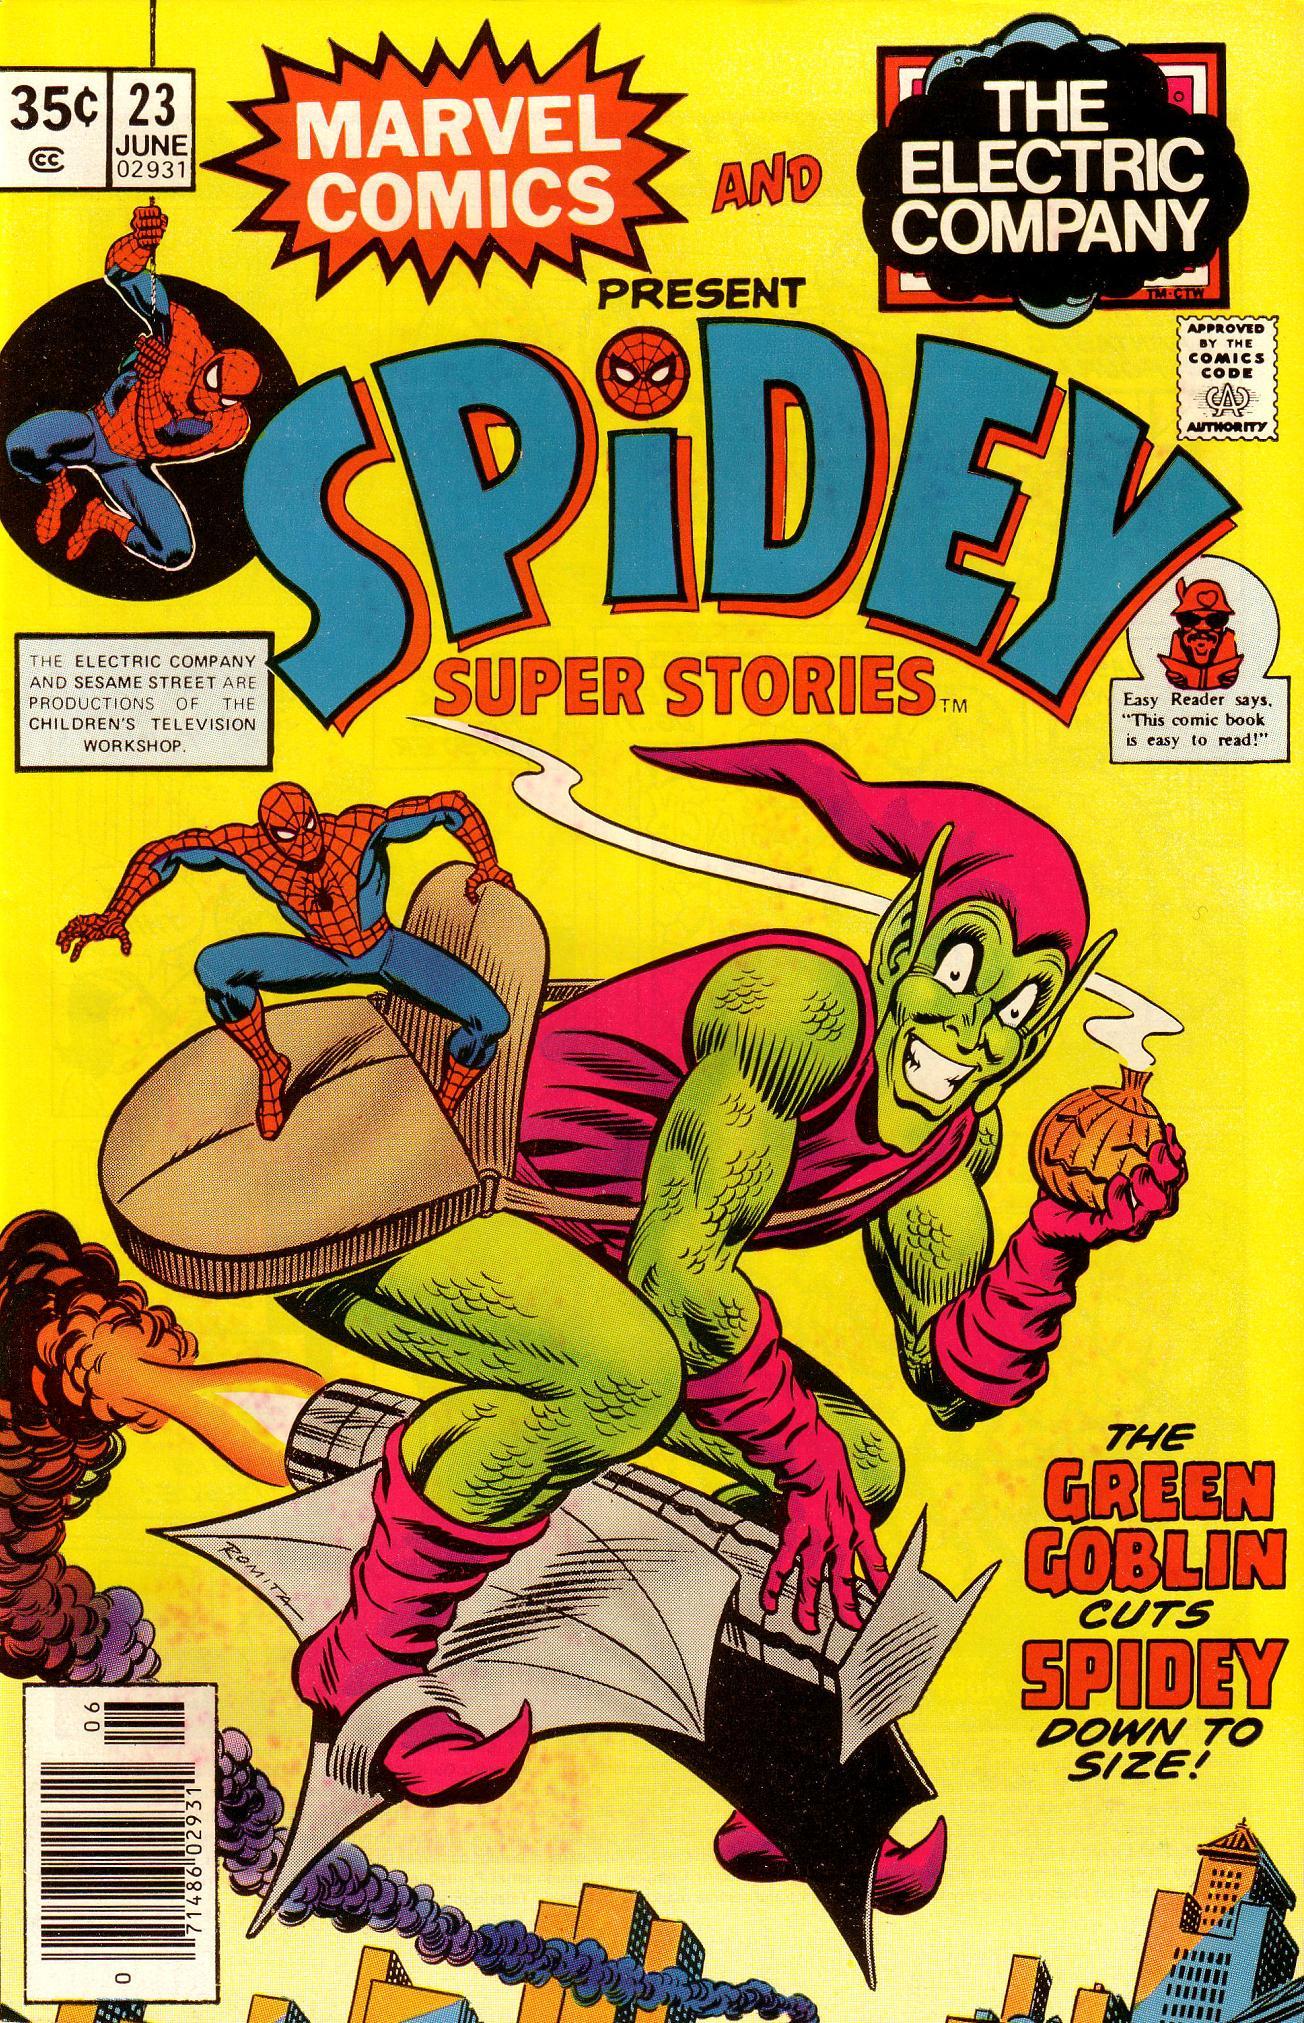 Spidey Super Stories 23 Page 1